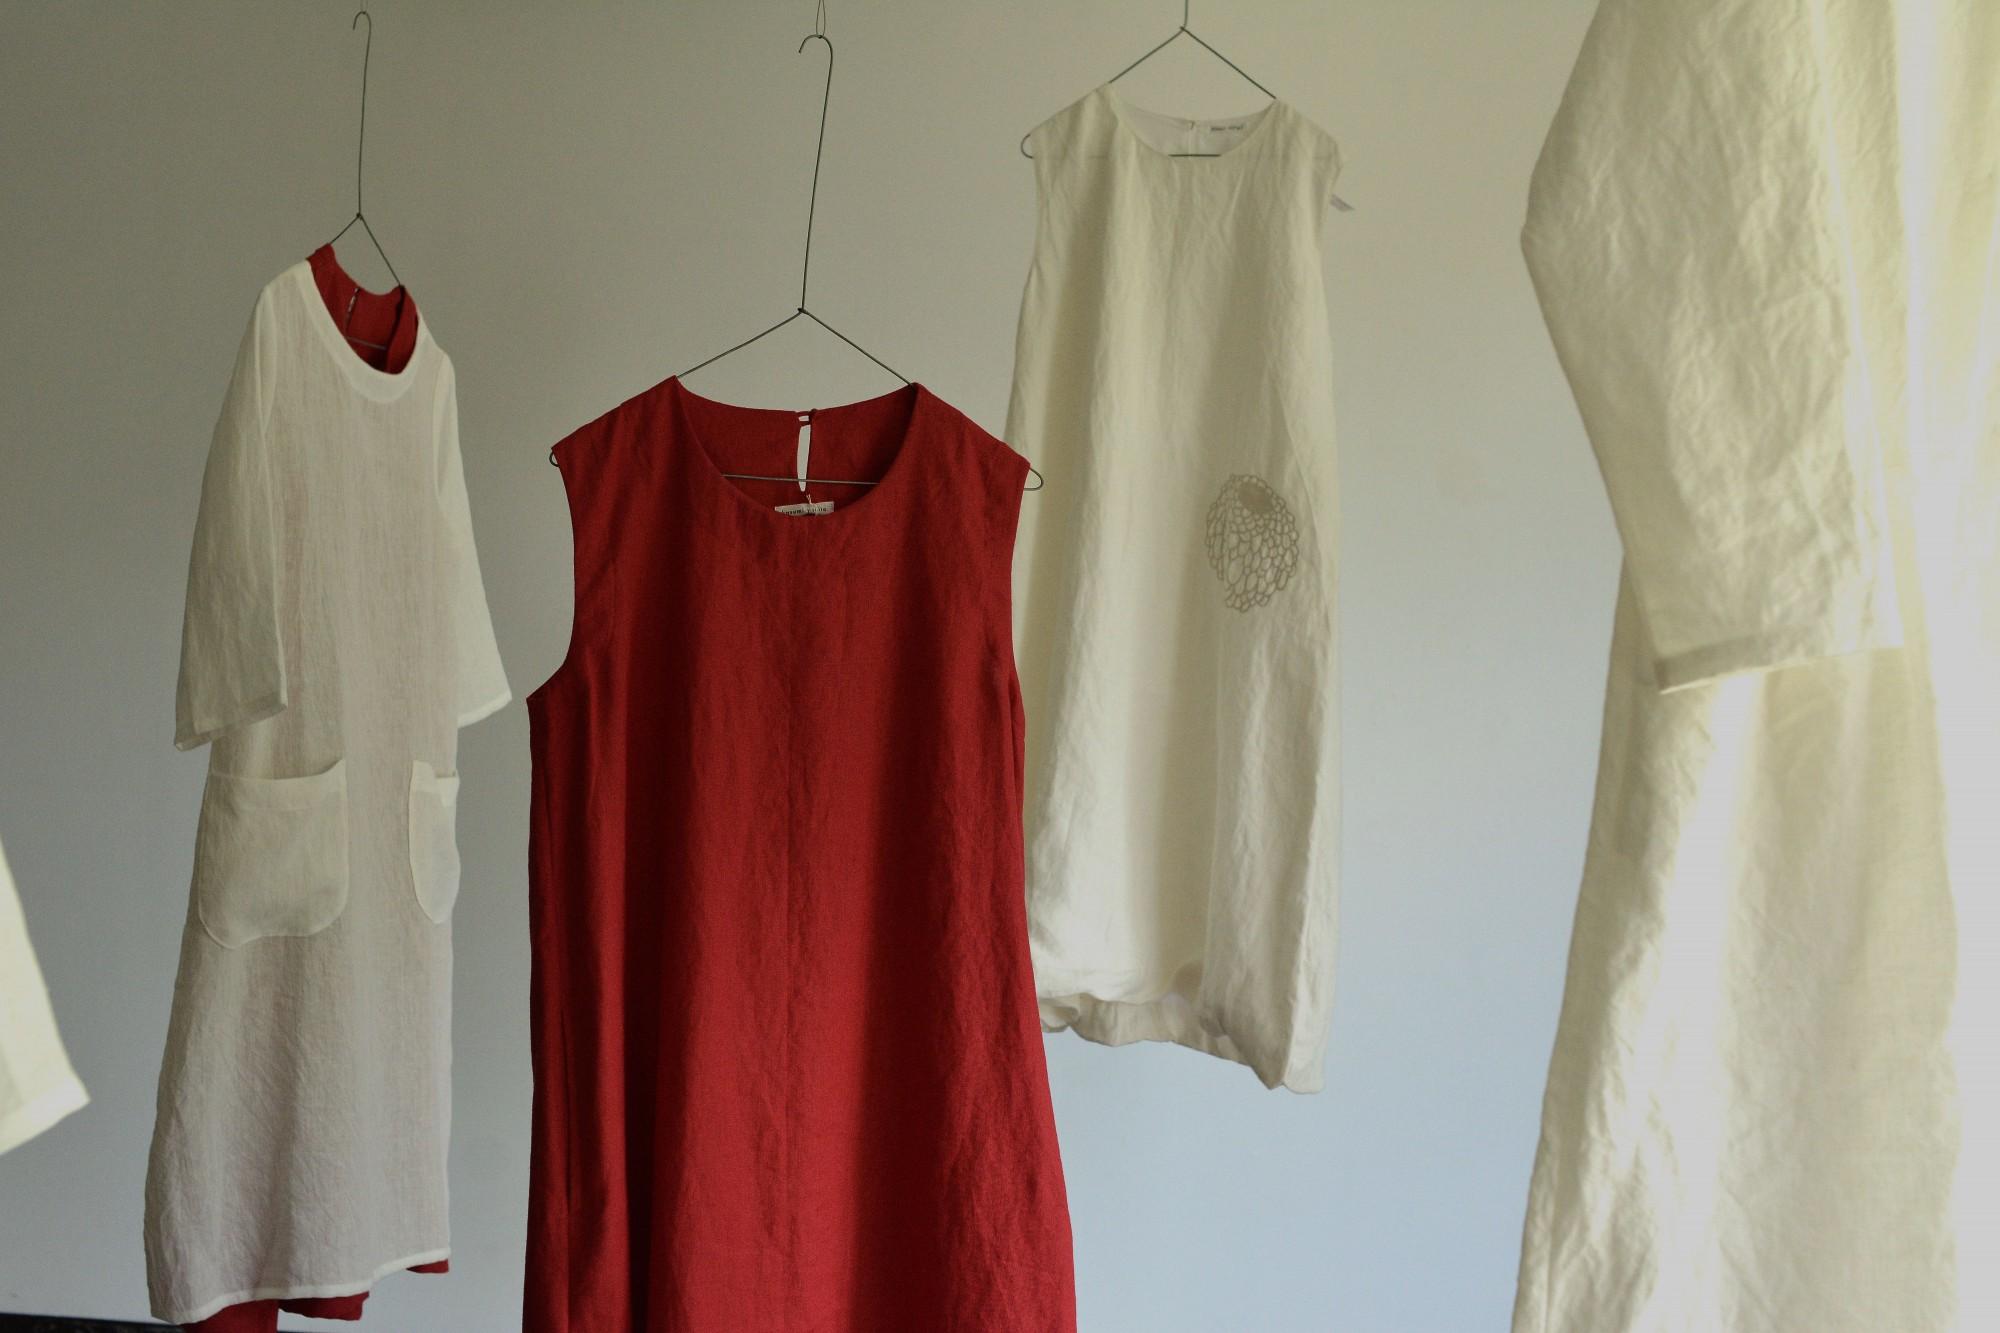 ギャラリーmu-anでの展示風景。カスミさんが選ぶ色はアースカラーが中心ですが、こんな鮮やかな色が登場することも。中央奥の白いワンピースは「titta! titta!」の作品。